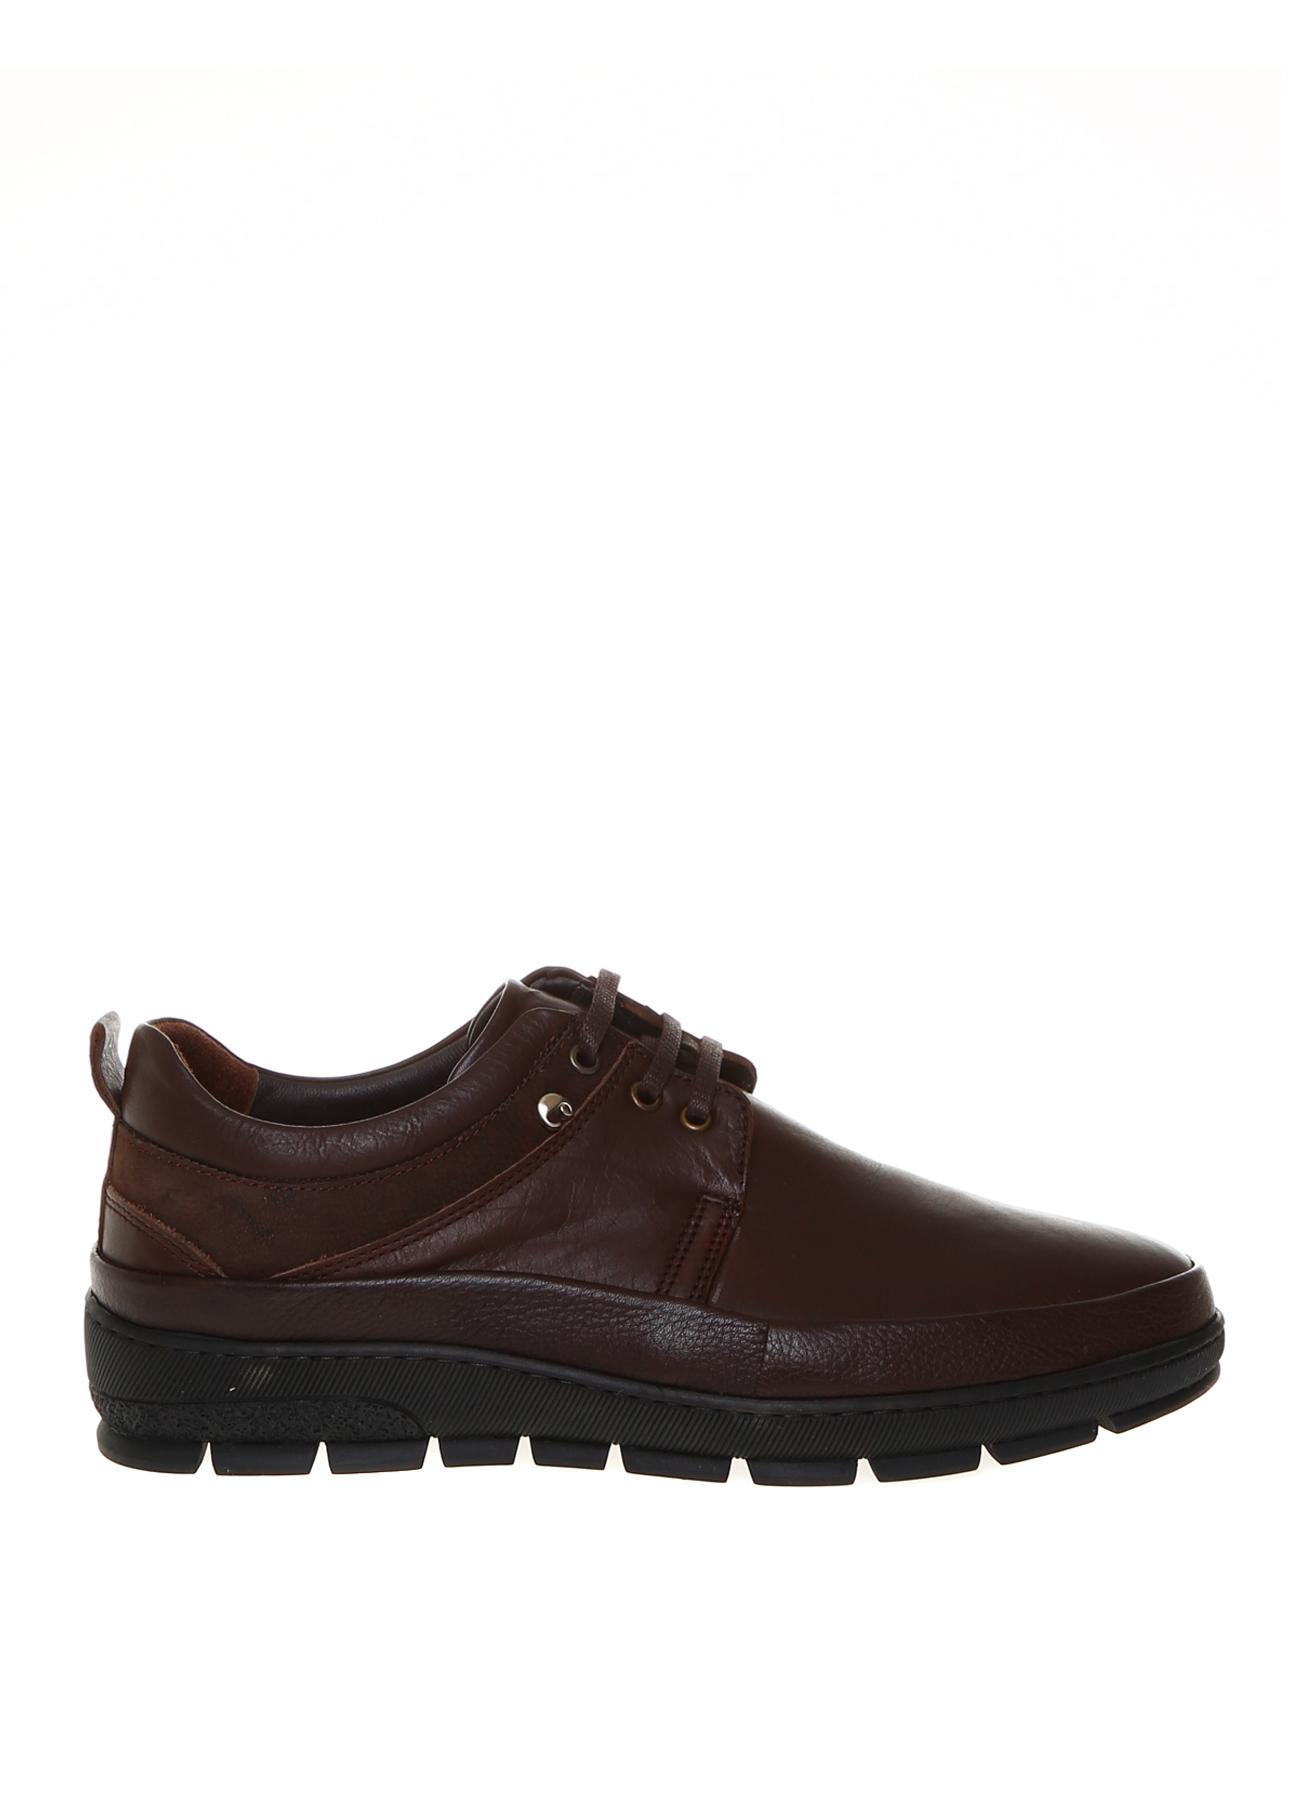 Cacharel Klasik Ayakkabı 42 5001921620003 Ürün Resmi